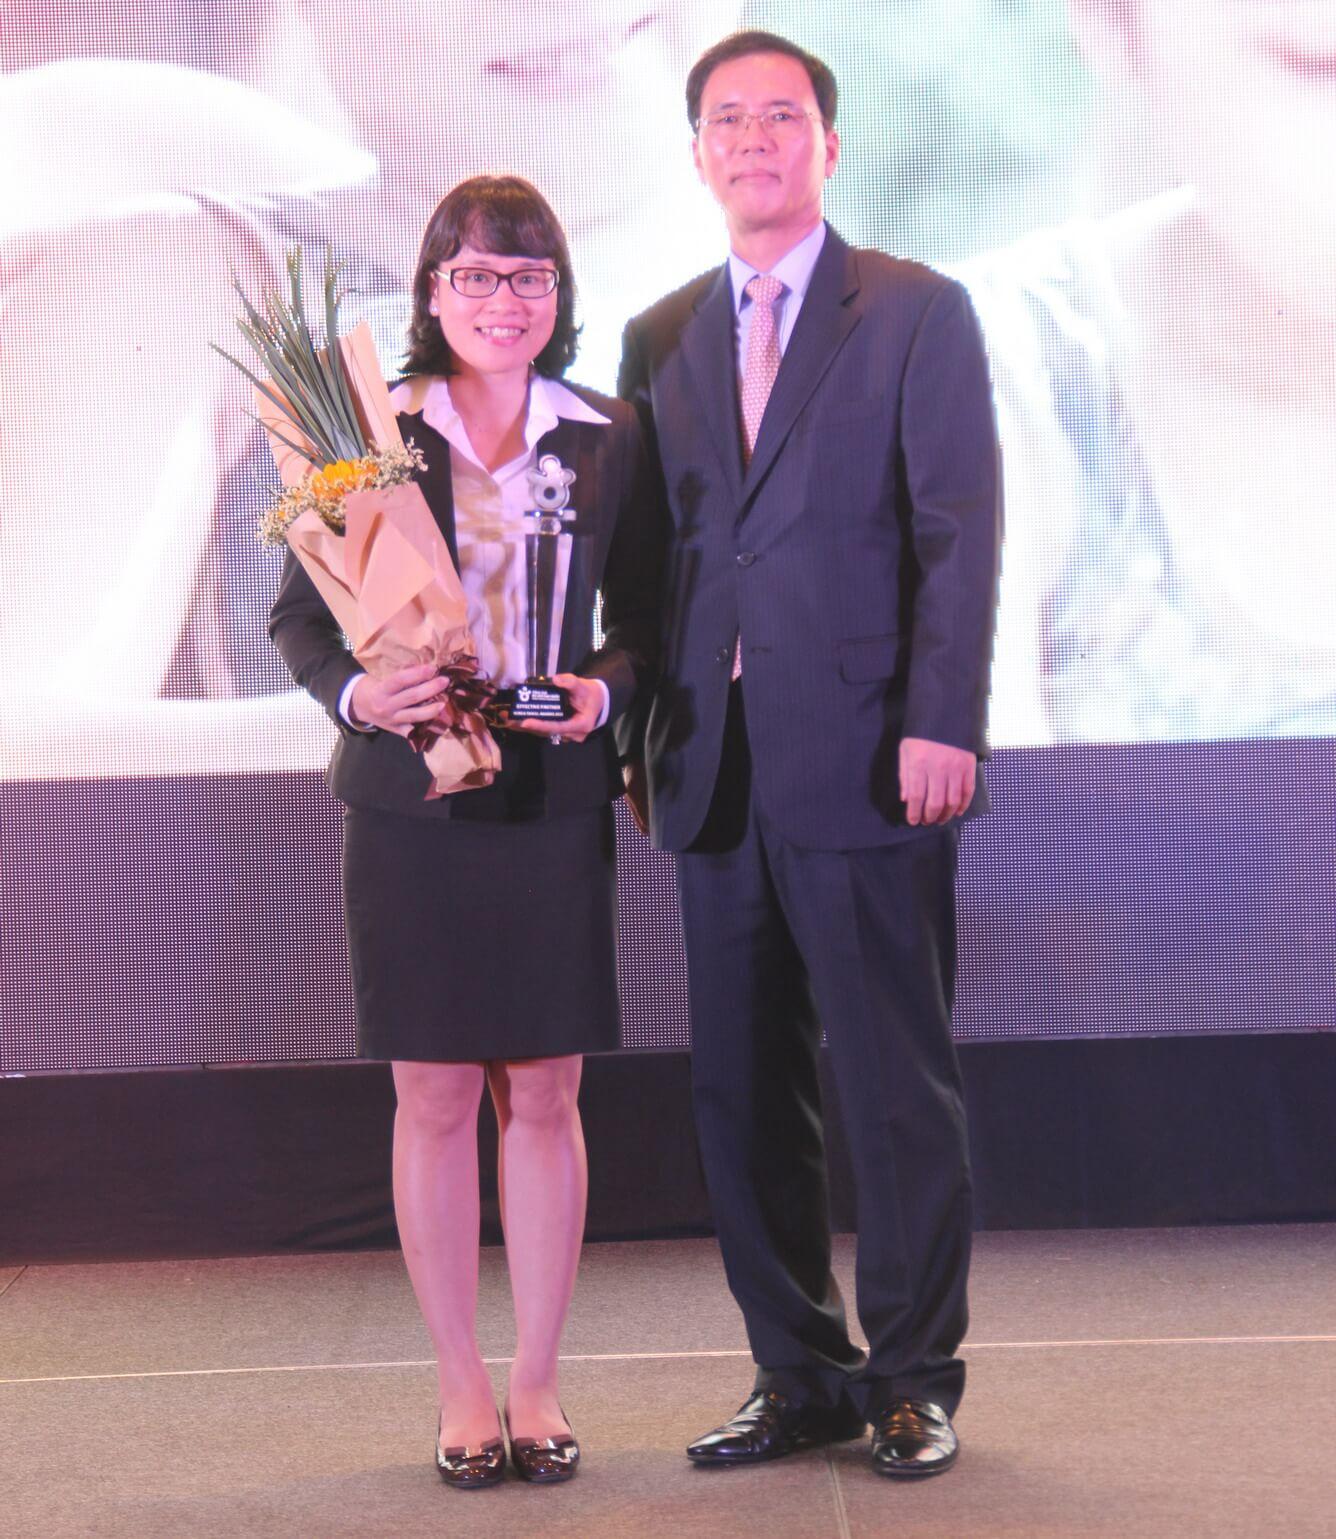 Vietravel tự hào 3 năm liền đạt giải thưởng uy tín từ Tổng Cục Du lịch Hàn Quốc (KTO)